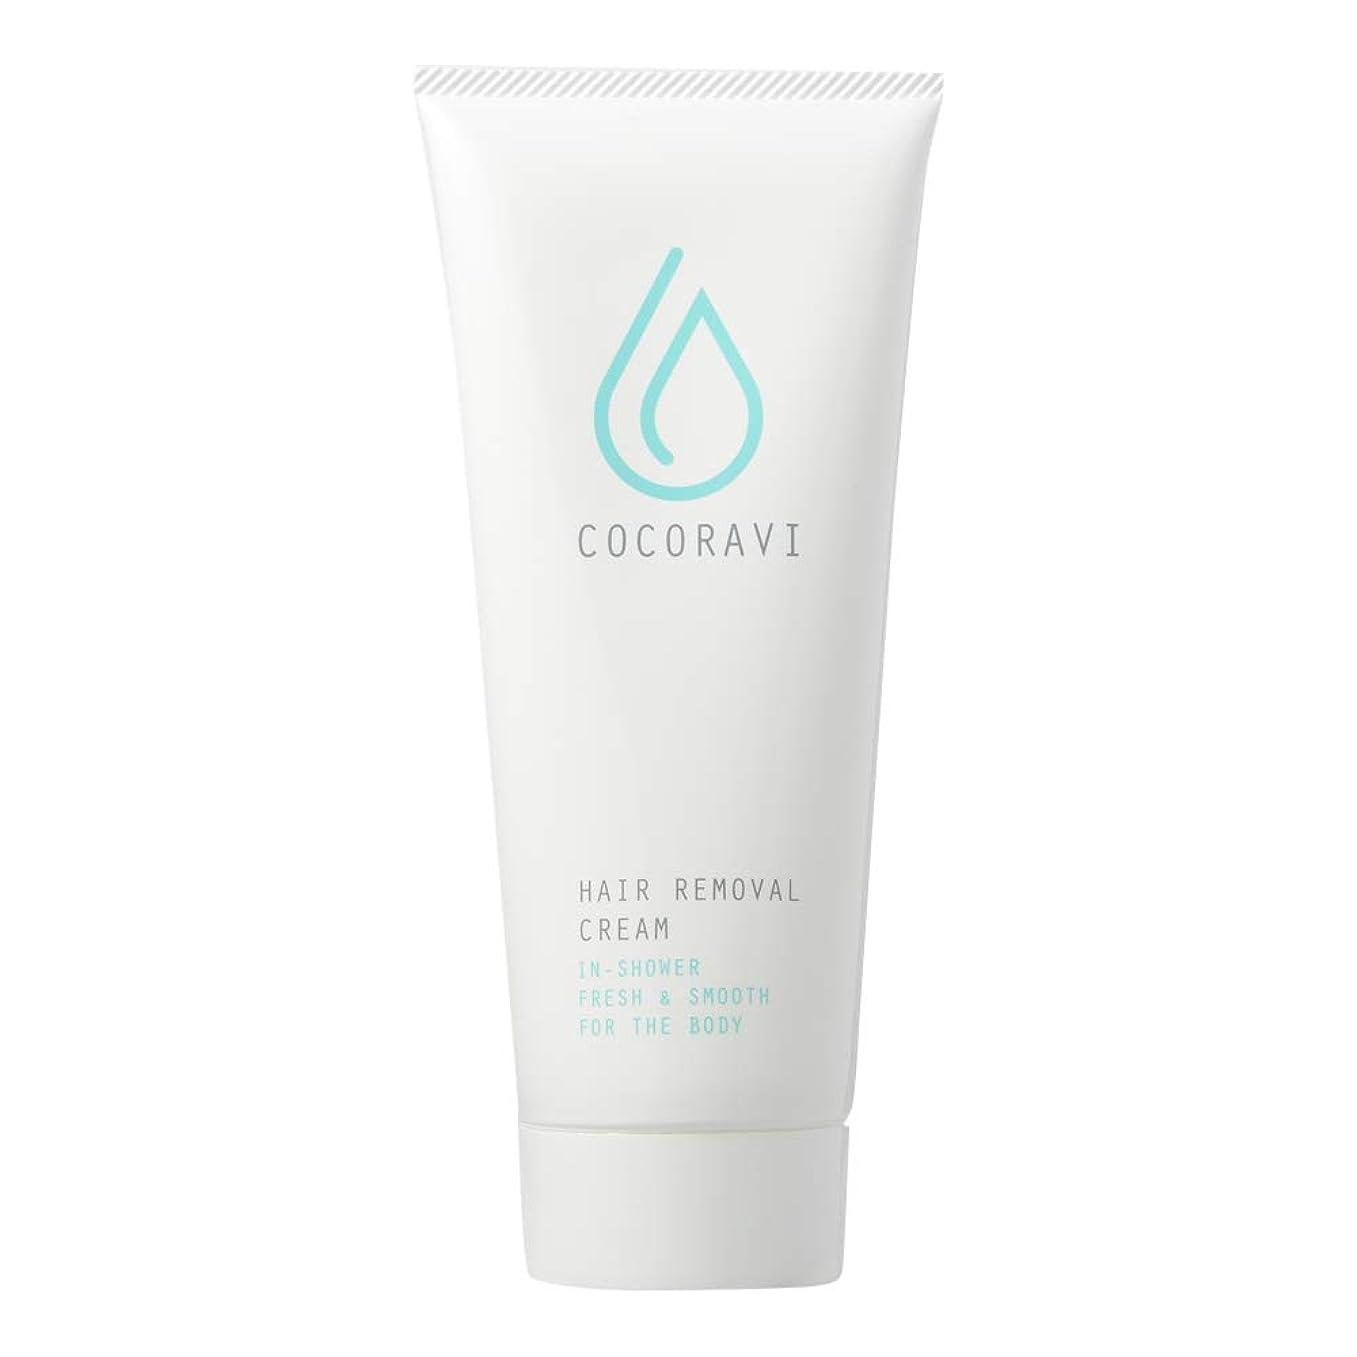 マント死すべき元のCOCORAVI Hair Removal Cream (ココラビヘアリムーバークリーム) 除毛クリーム ボディ用 医薬部外品 スキンケア 美容 [内容量200g/説明書付き]